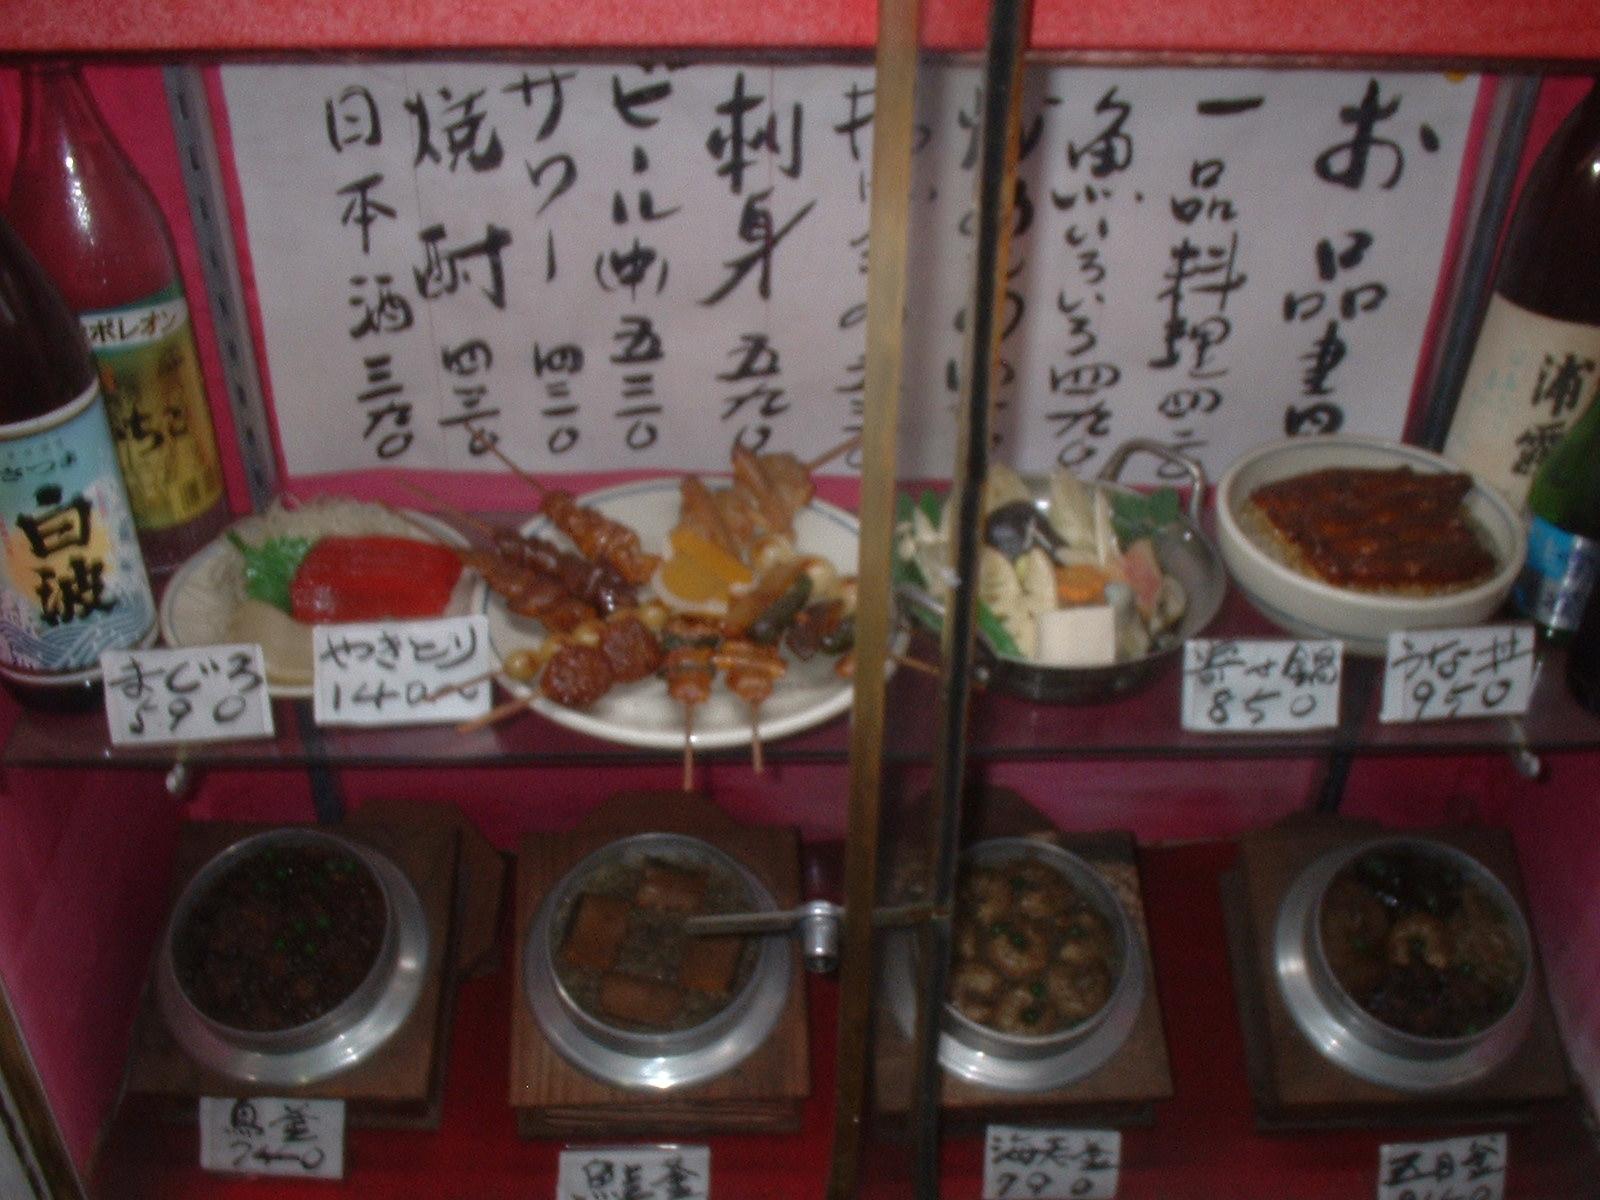 身近な素材で! 心温まる職人の作る日本料理_a0016380_2115027.jpg